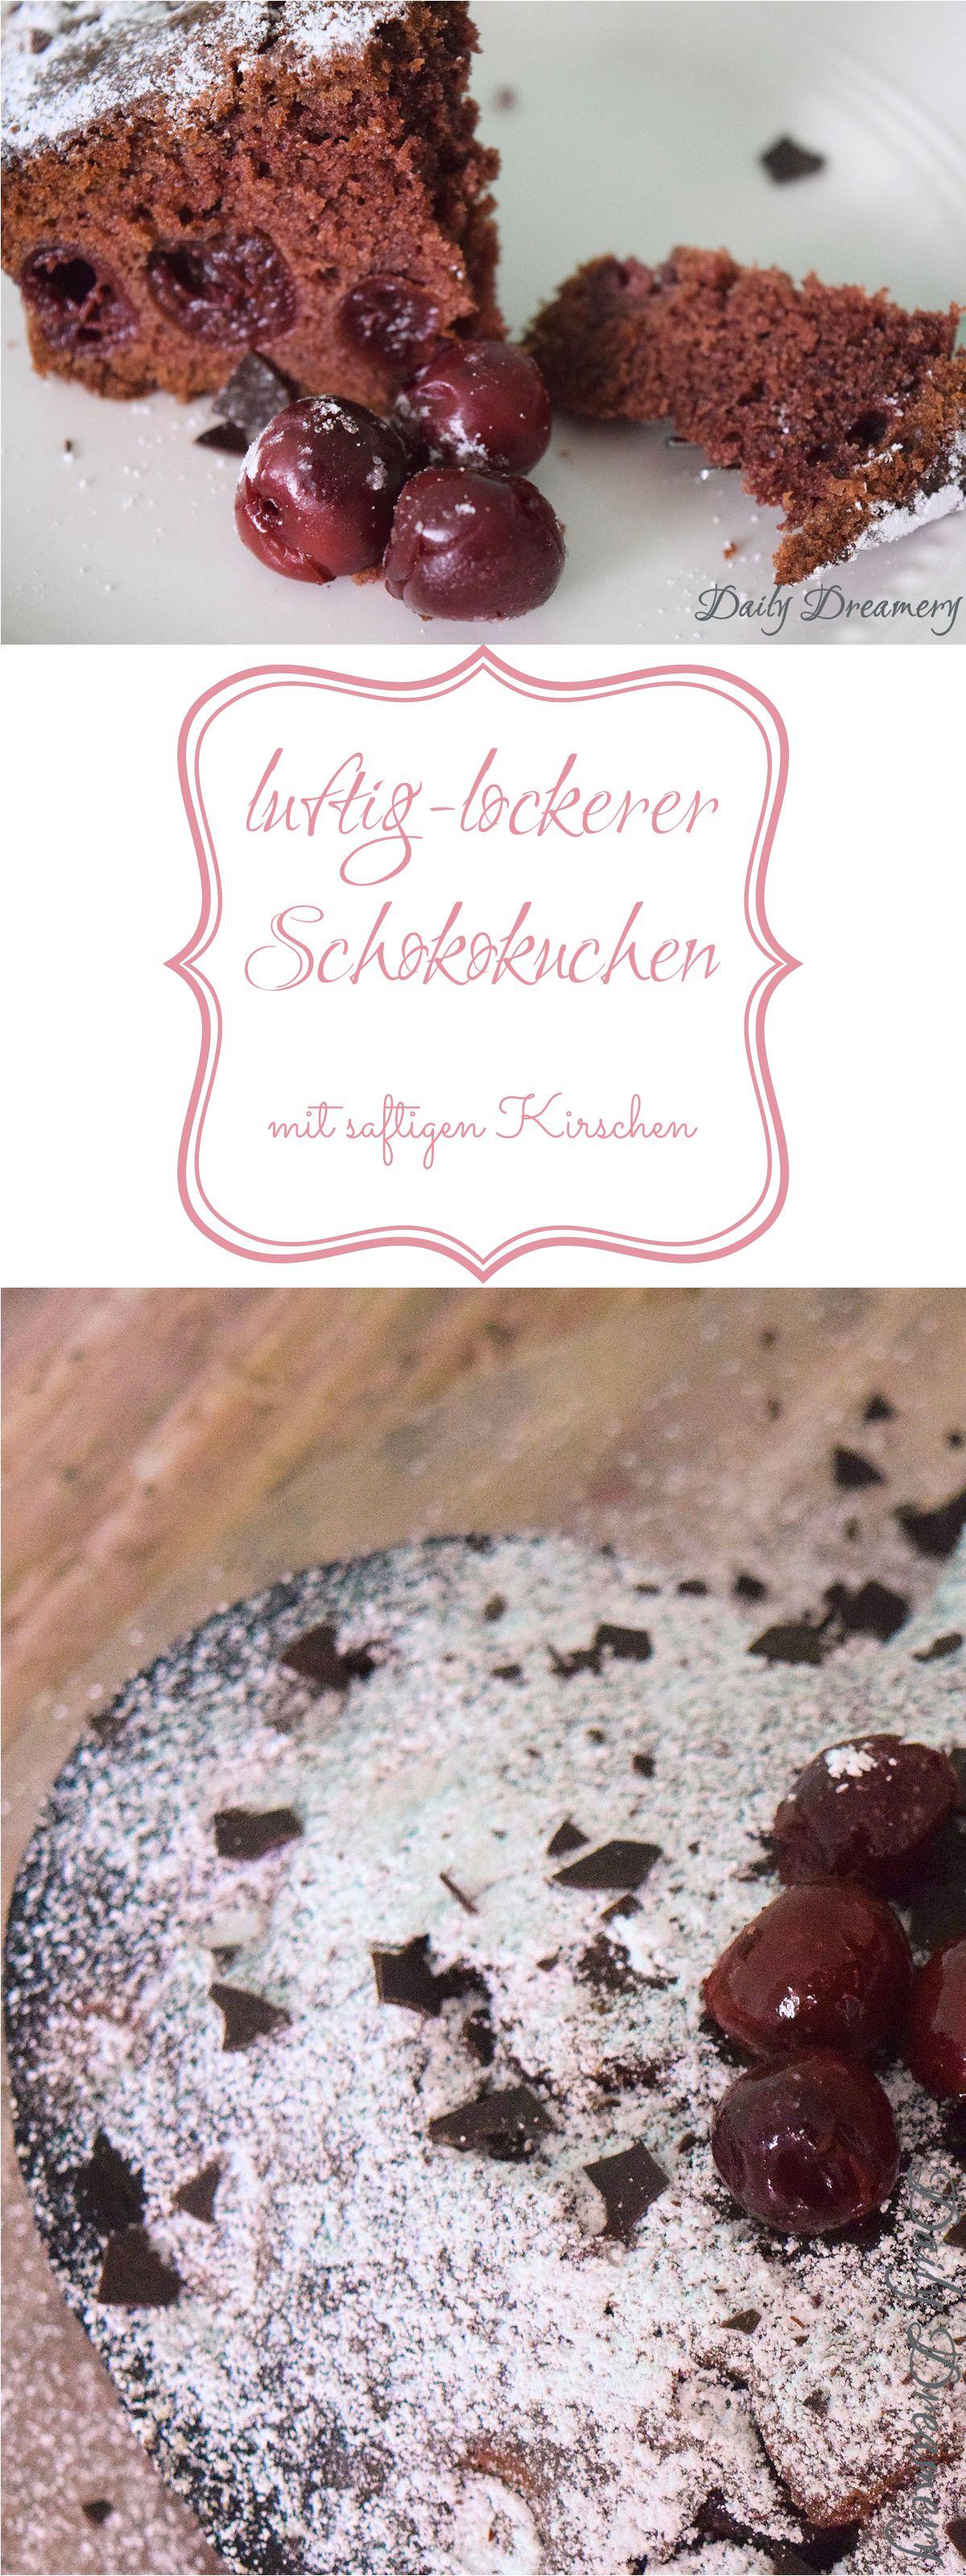 luftig-lockerer-Schoko-Kirsch-Kuchen - perfekter Sonntagskuchen